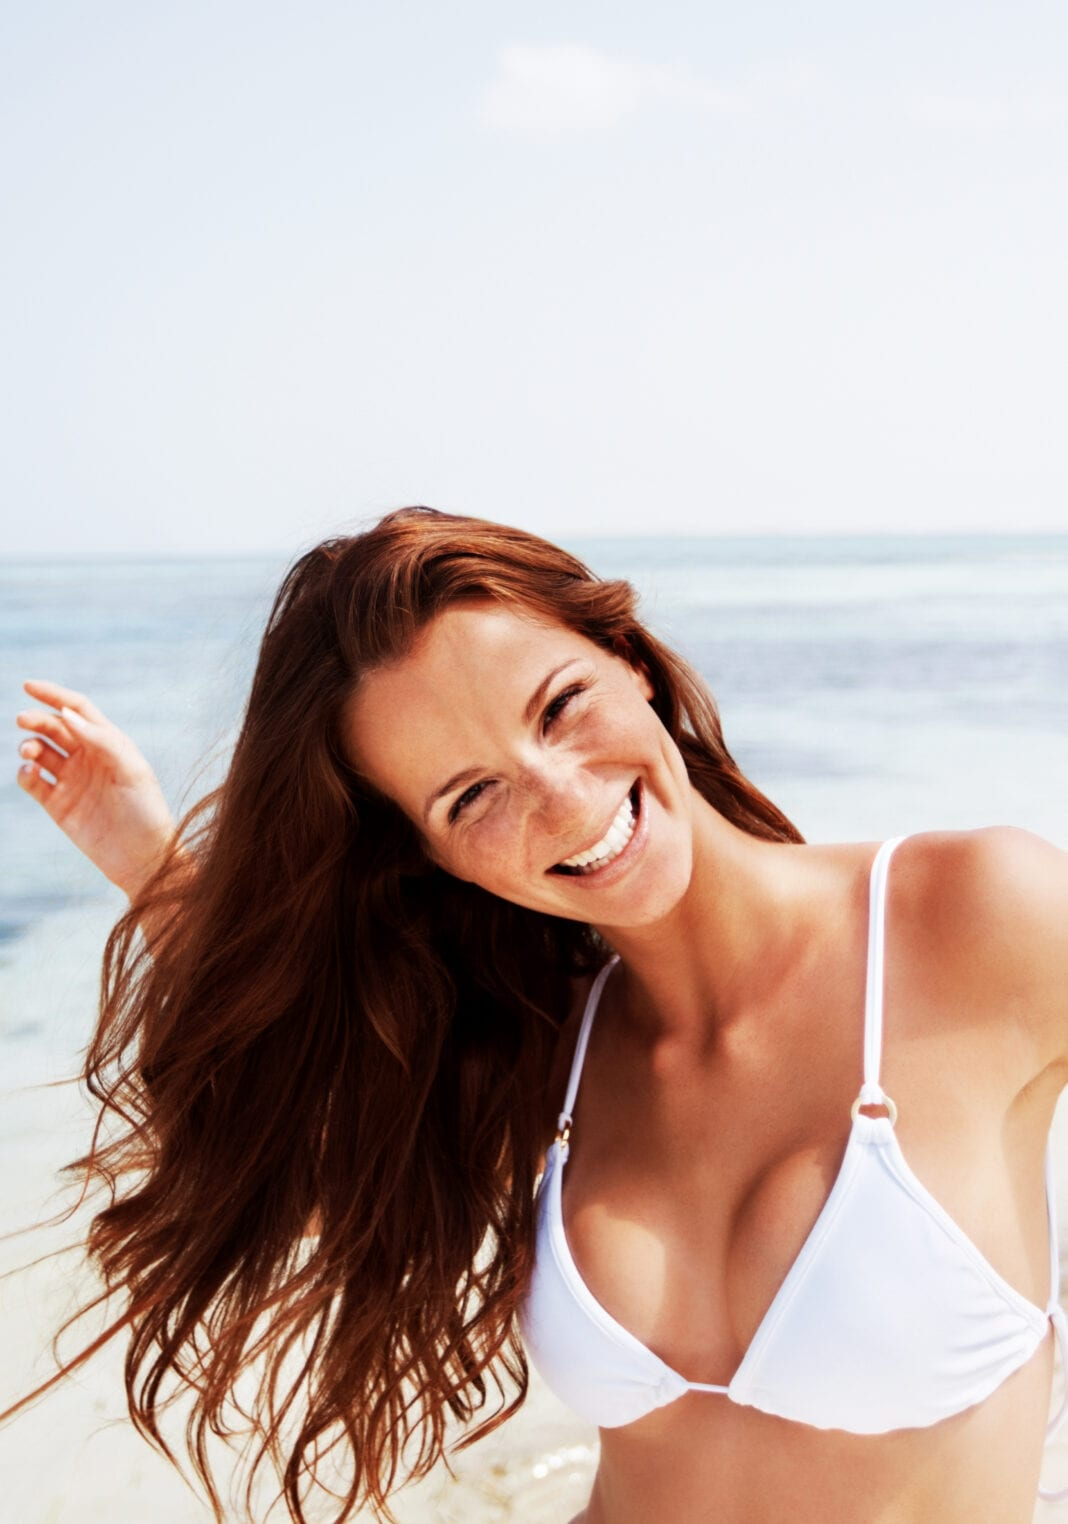 Αντηλιακή προστασία: Προστάτευσε τα μαλλιά σου από τις βλαβερές ακτίνες του ήλιου με τη νέα σειρά Sun Care της Kyana